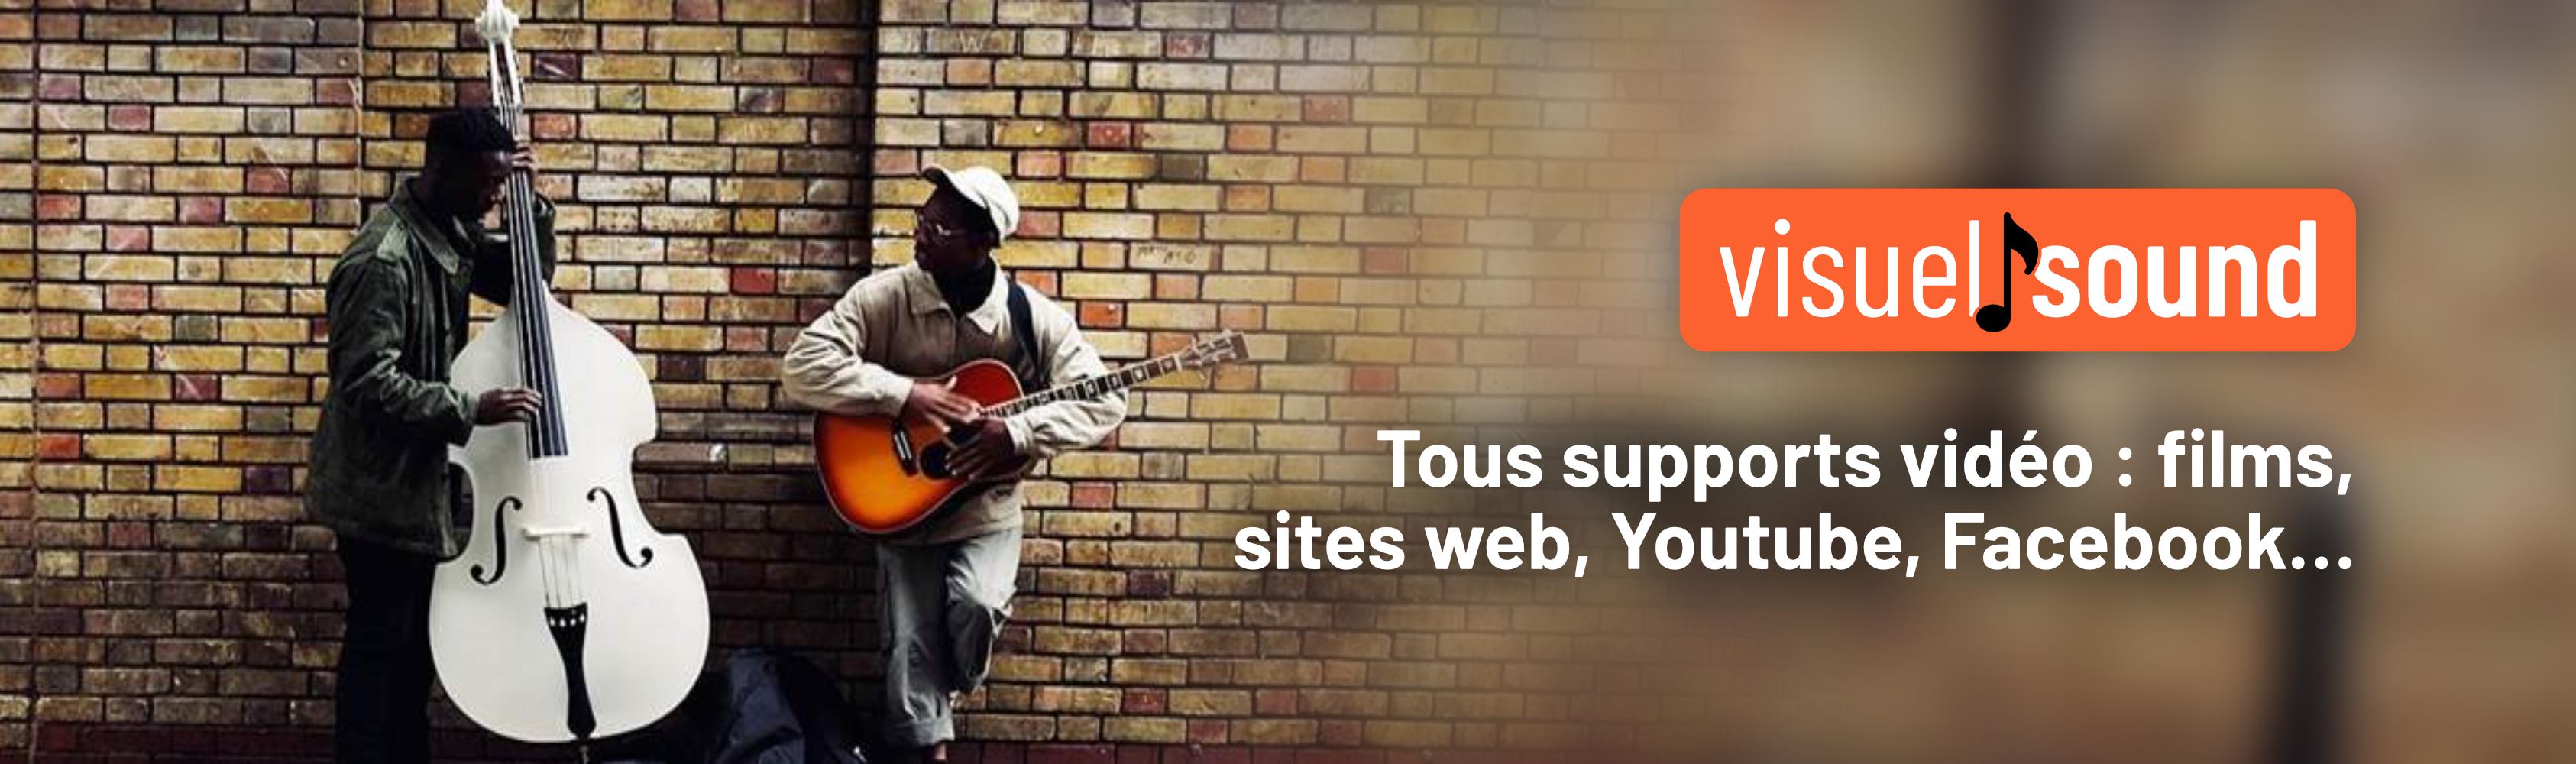 Third slide, un duo de musicien de rue avec une contrebasse blanche et une guitare avec messages, youtube, facebook, tous supports vidéo, films, site web, folk joue une musique libre de droit pour vidéo